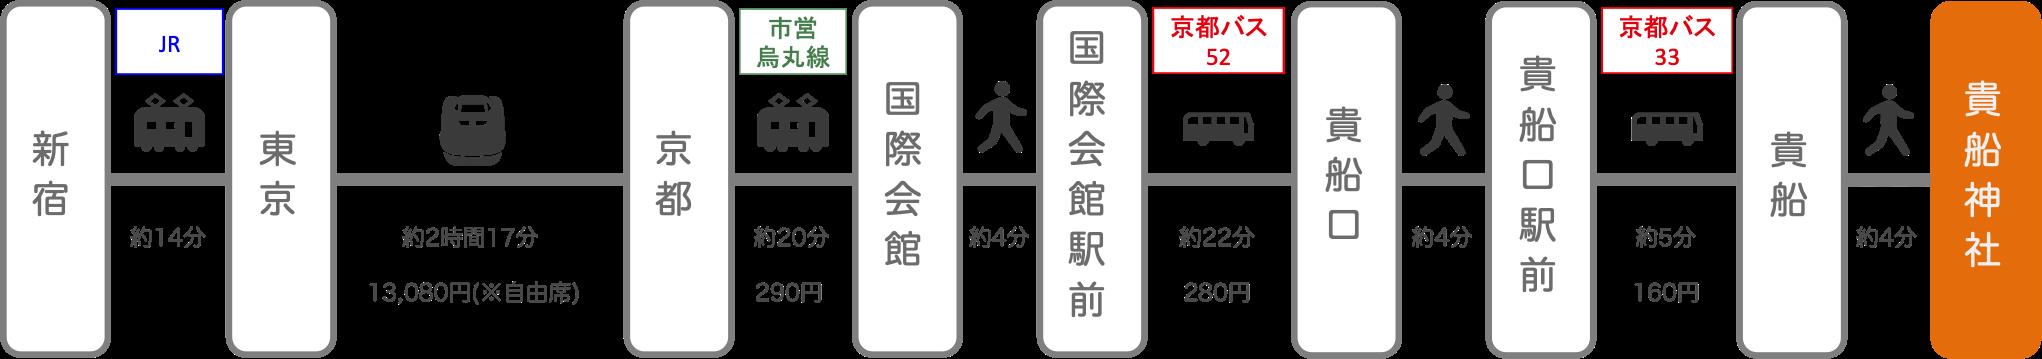 貴船神社_新宿(東京)_新幹線